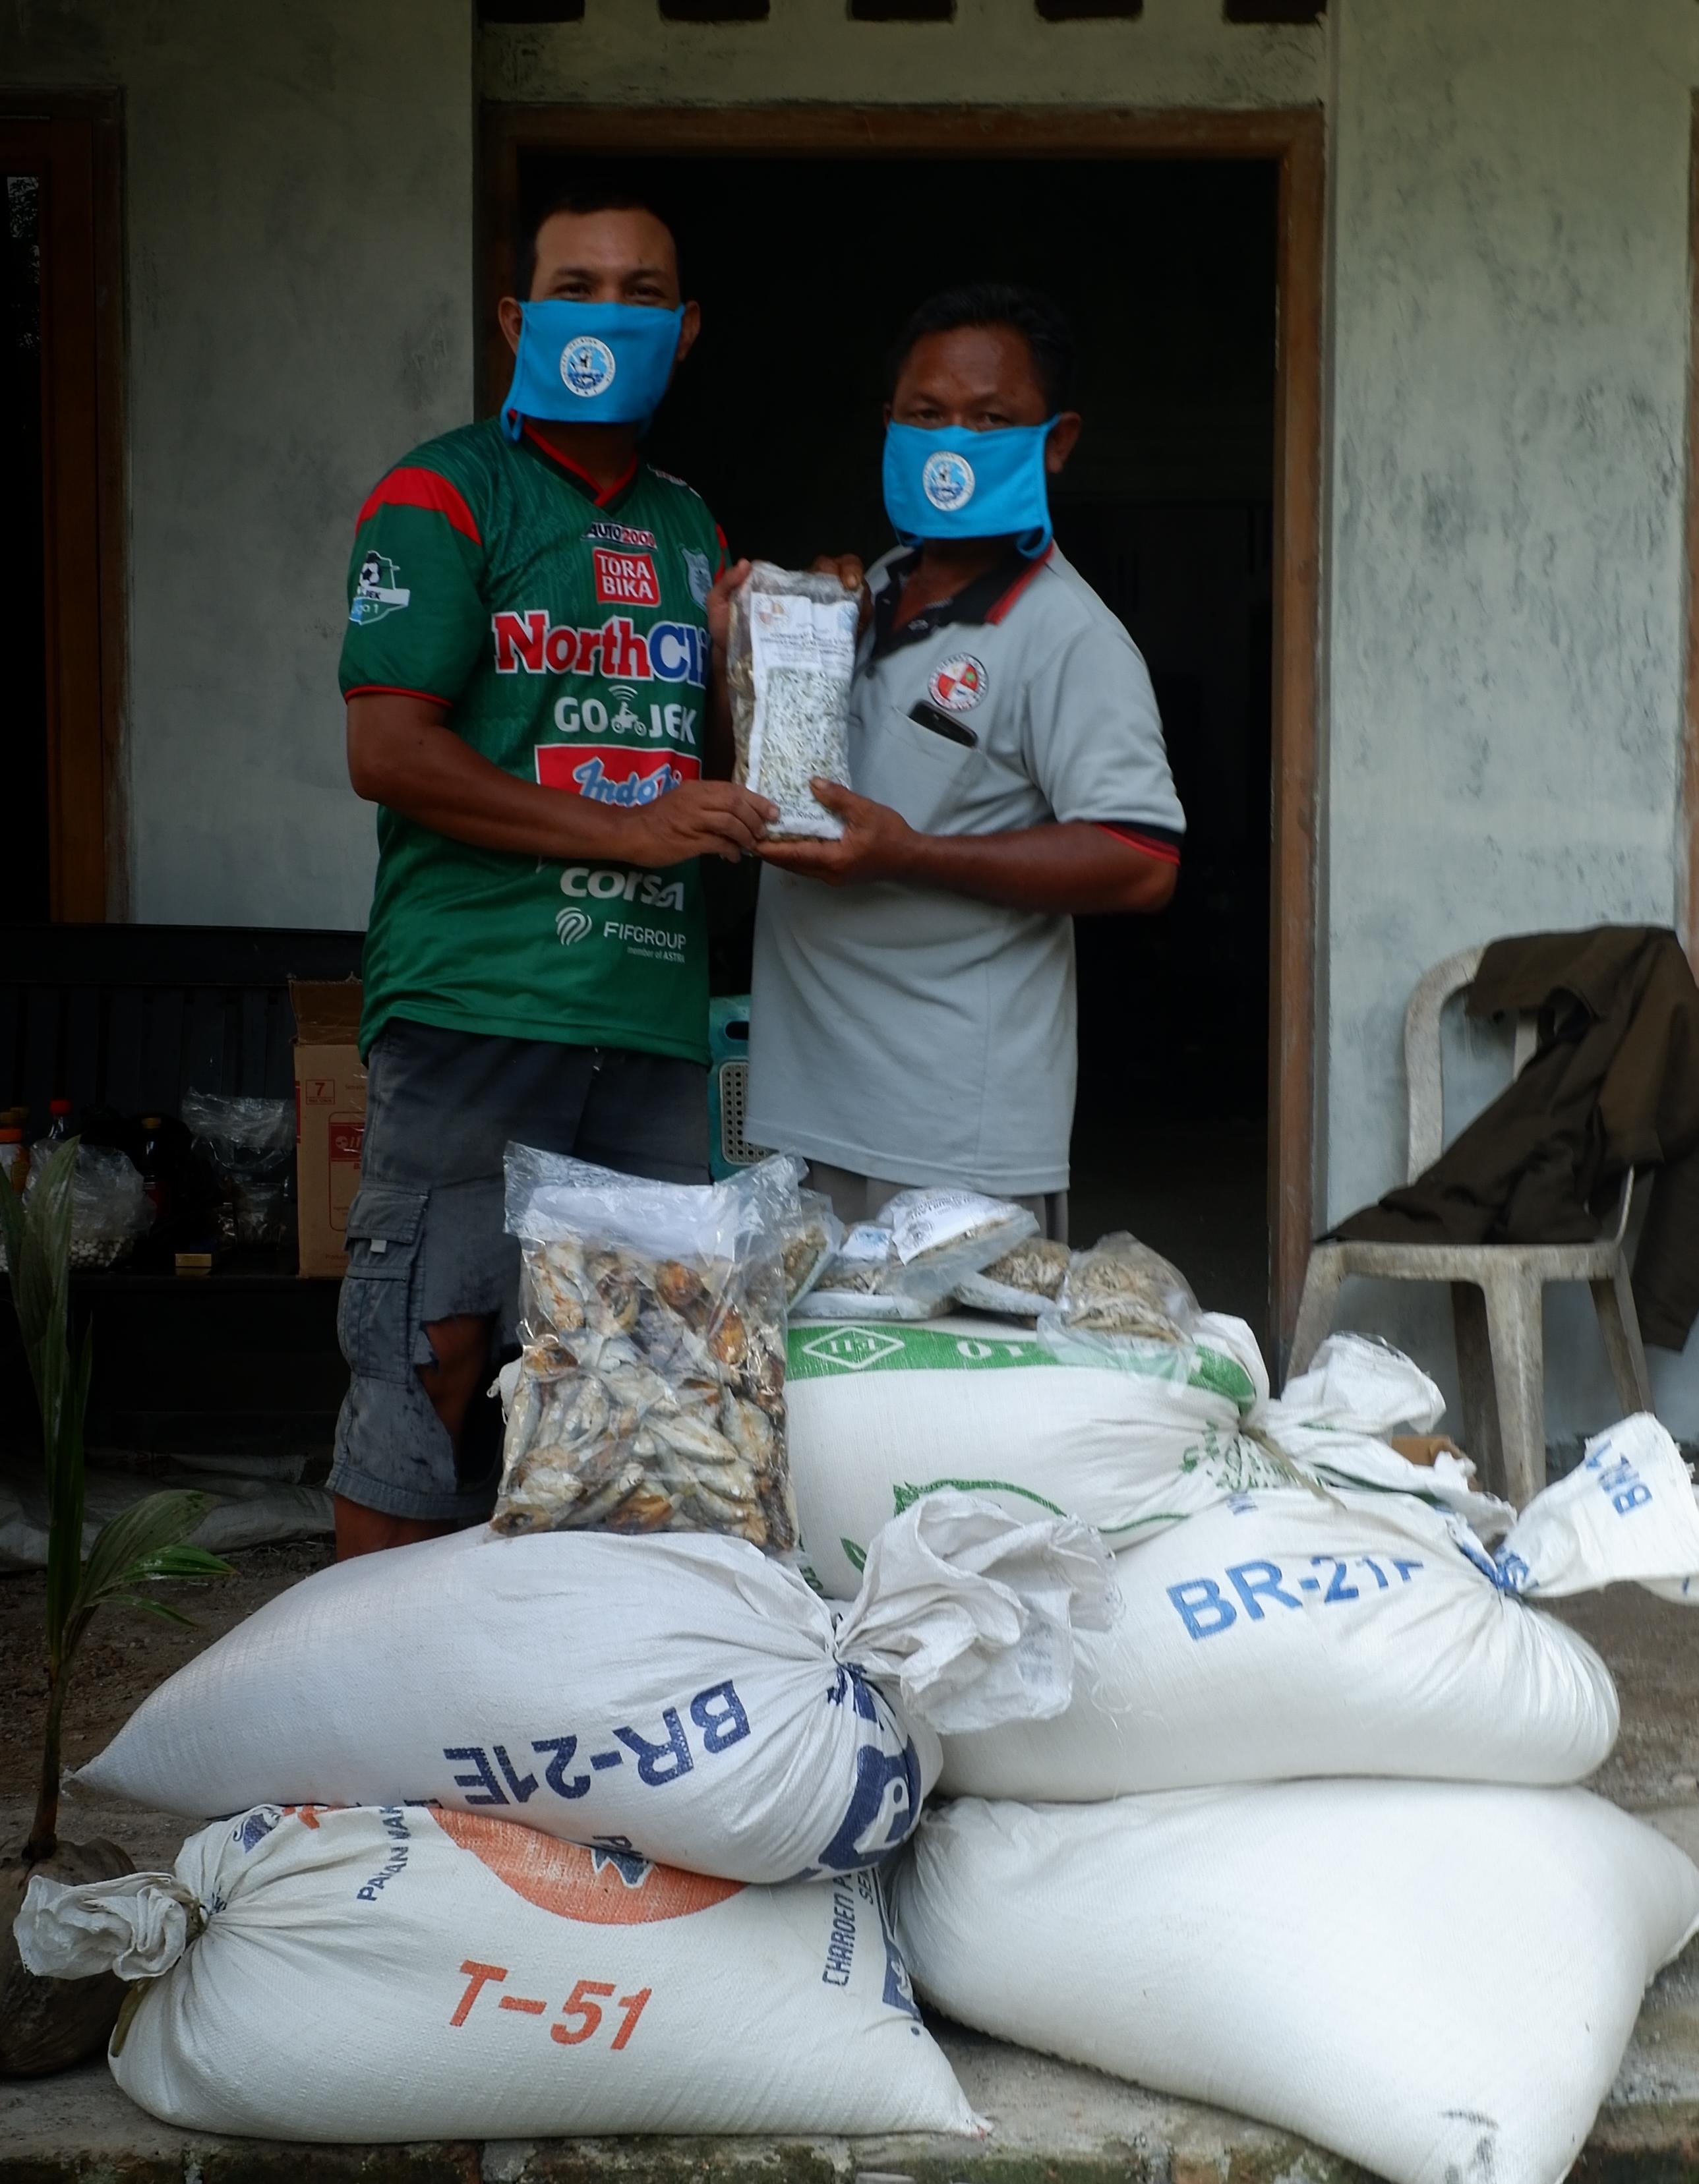 Rusoni dan Aruzy saat melakukan tukar menukar bahan pangan pada Kamis (7/5/2020) di Desa Tenajar, Kertasemaya, Indramayu